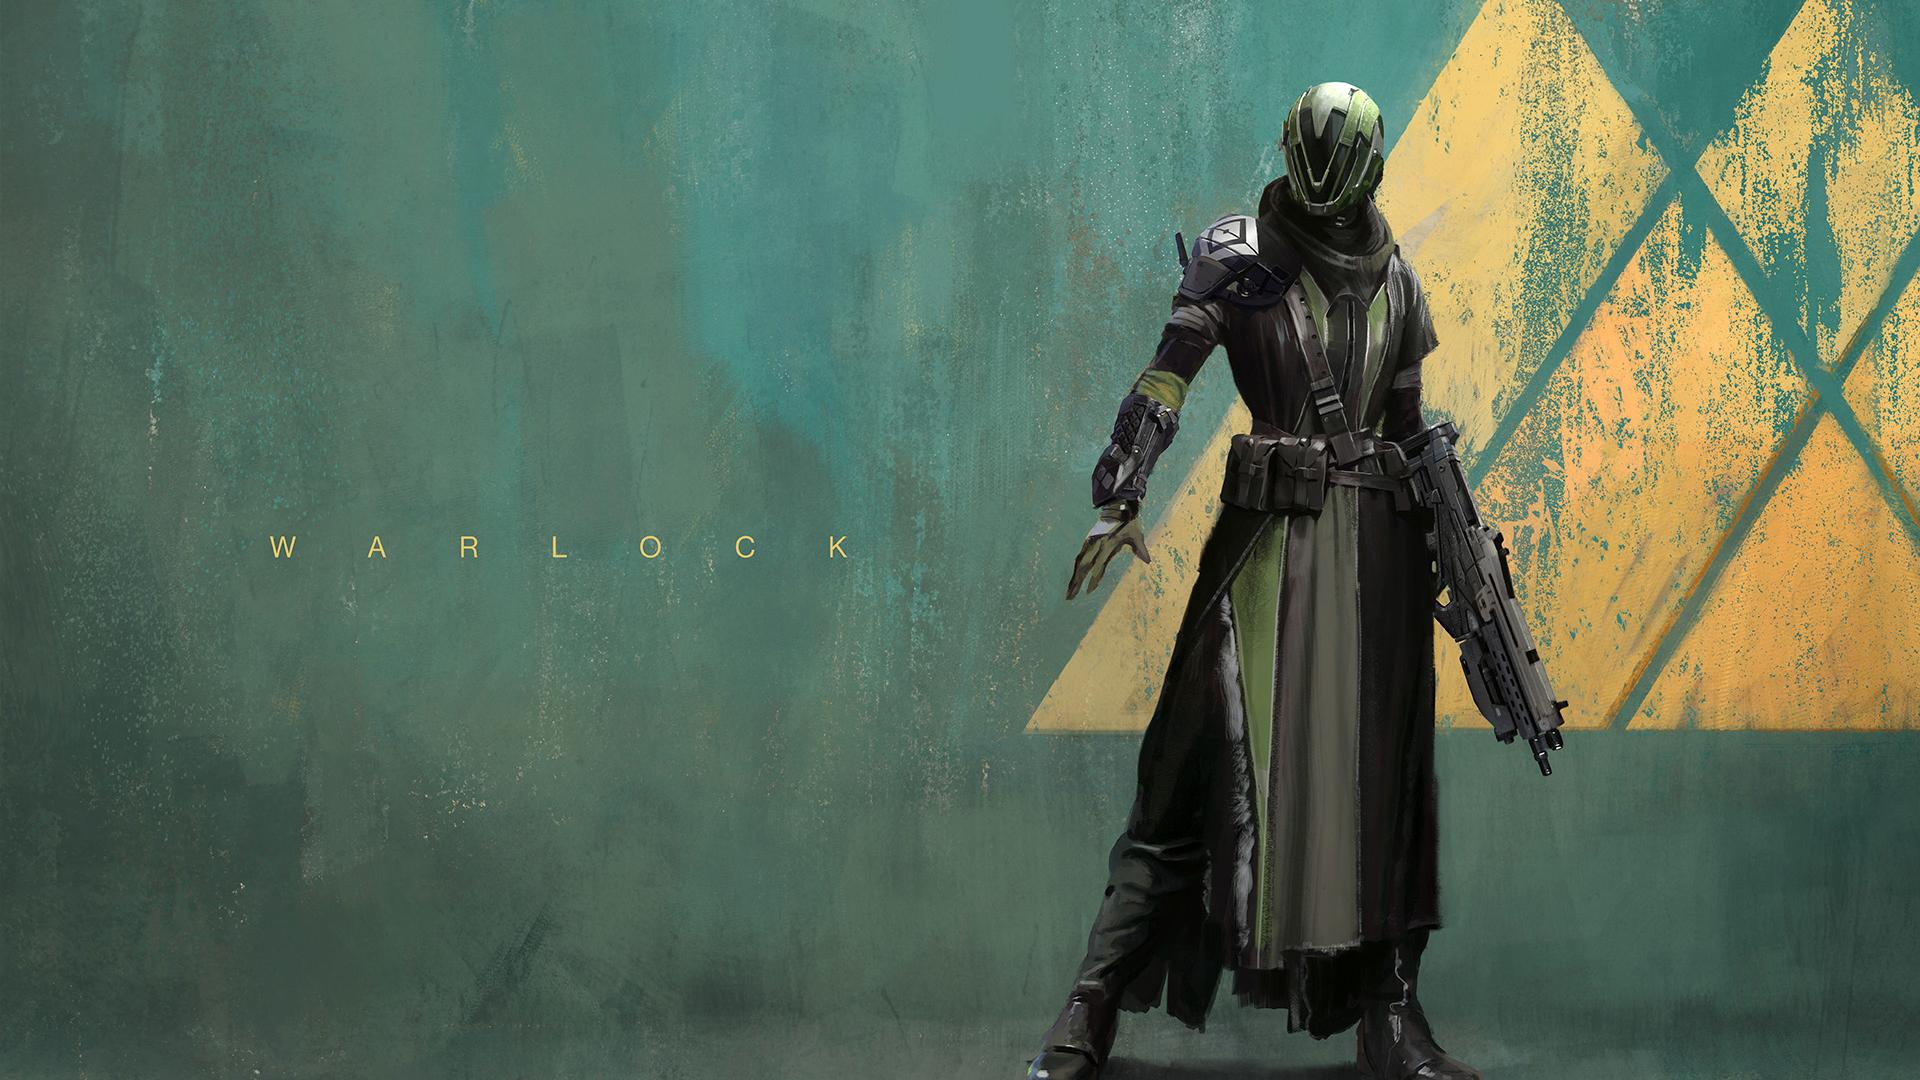 warlock destiny class wallpaper hd